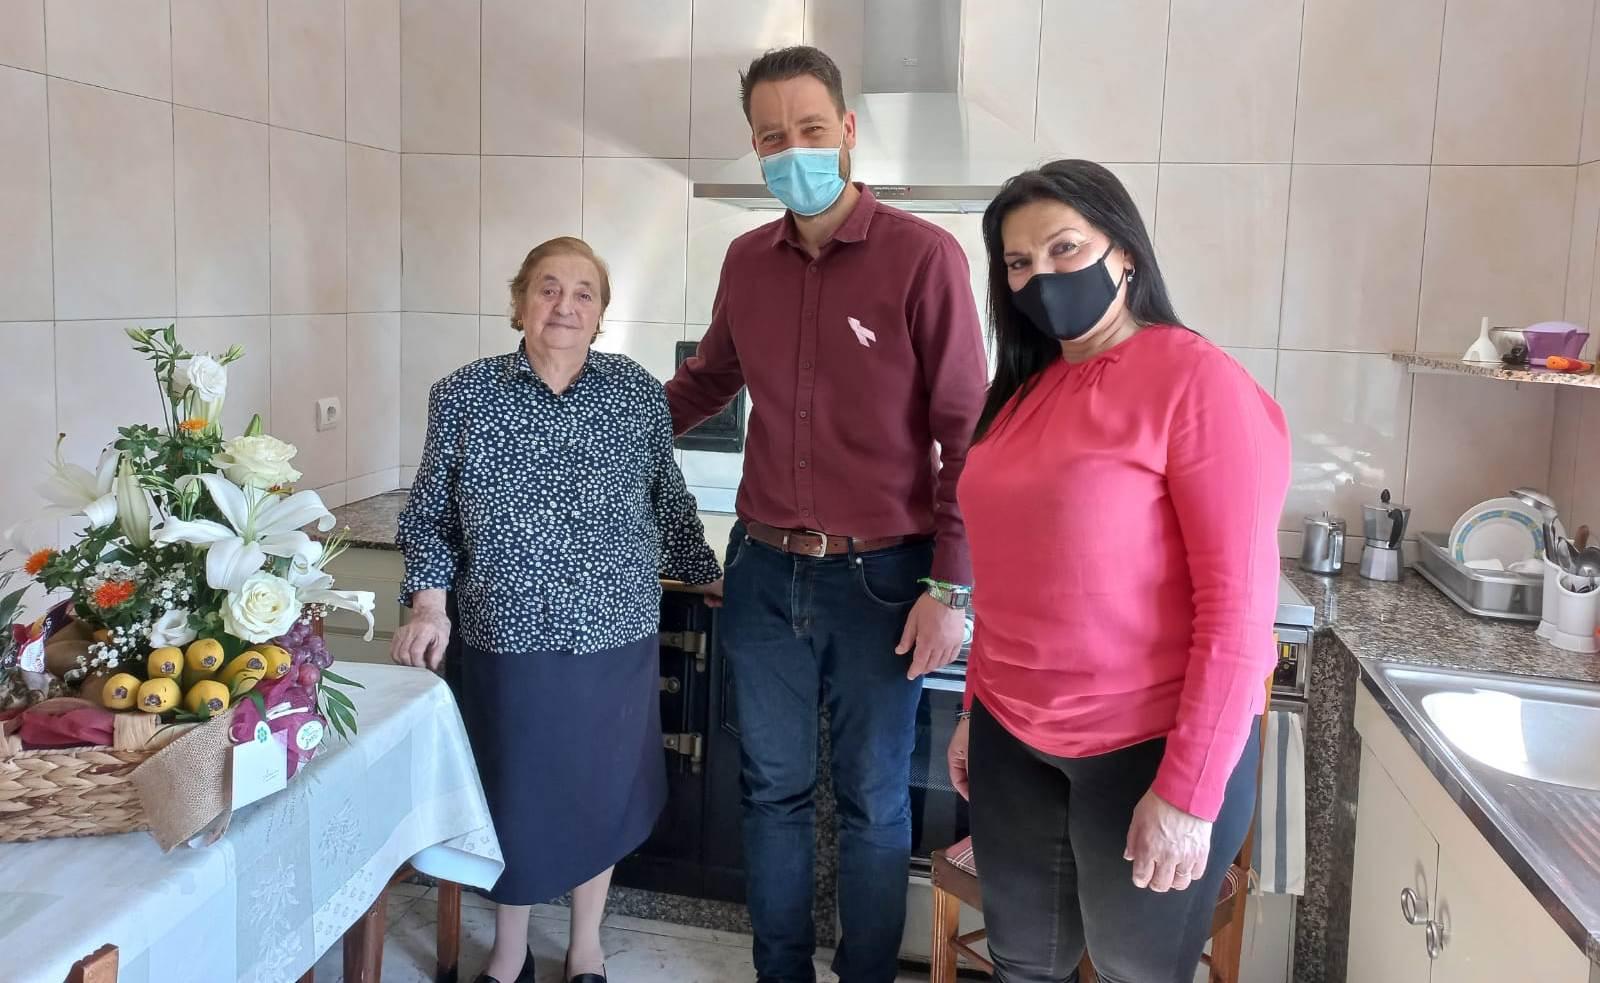 O alcalde de Foz, Fran Cajoto, e a concelleira de Servizos Sociais, Ana Rojo, visitaron este martes a  Asunción Rico de Forxán, que cumpriu 100 anos